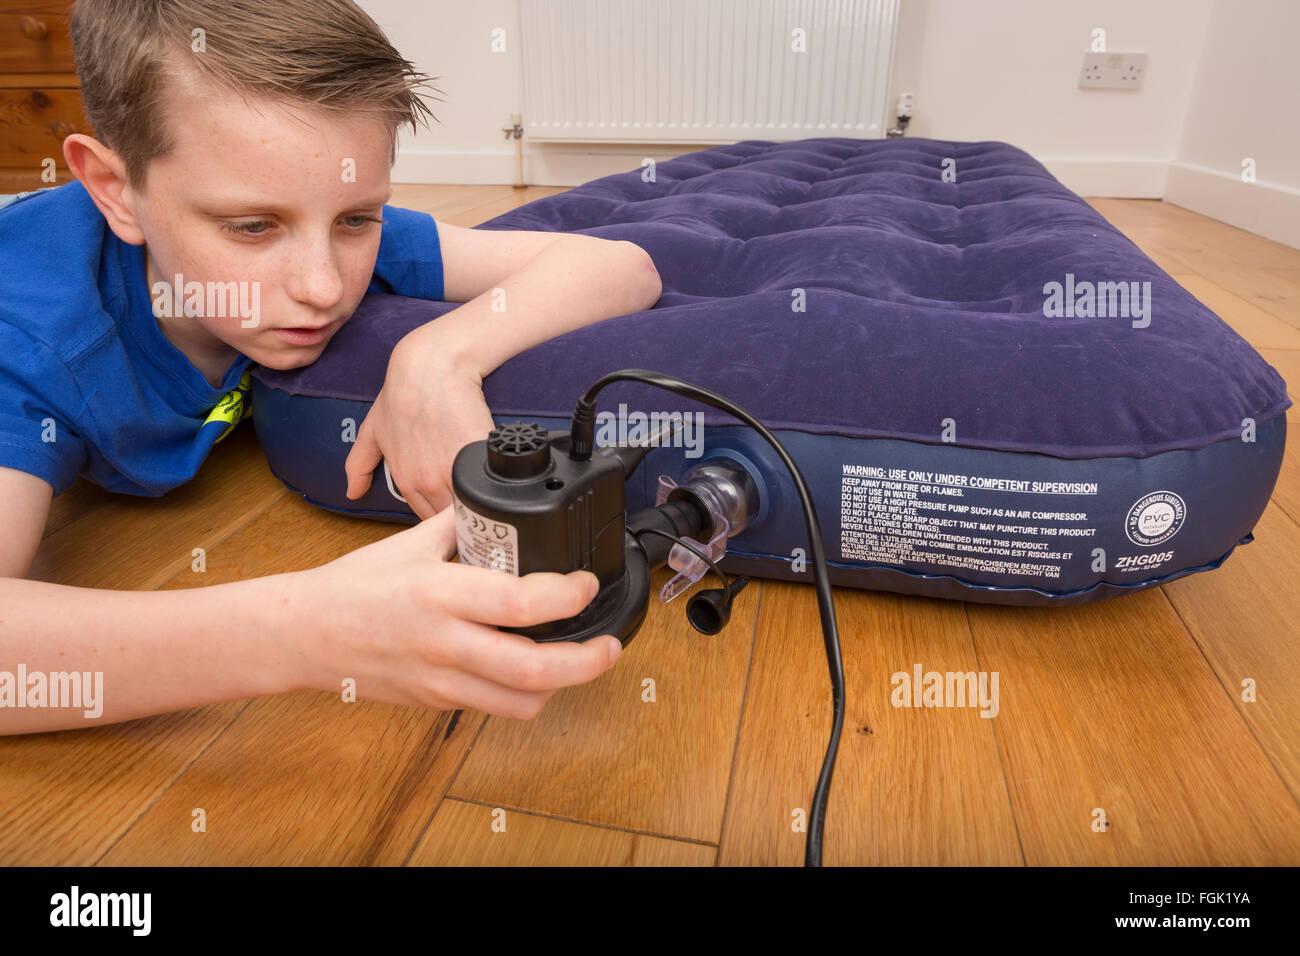 Una cama de aire que se infla con una bomba eléctrica Imagen De Stock